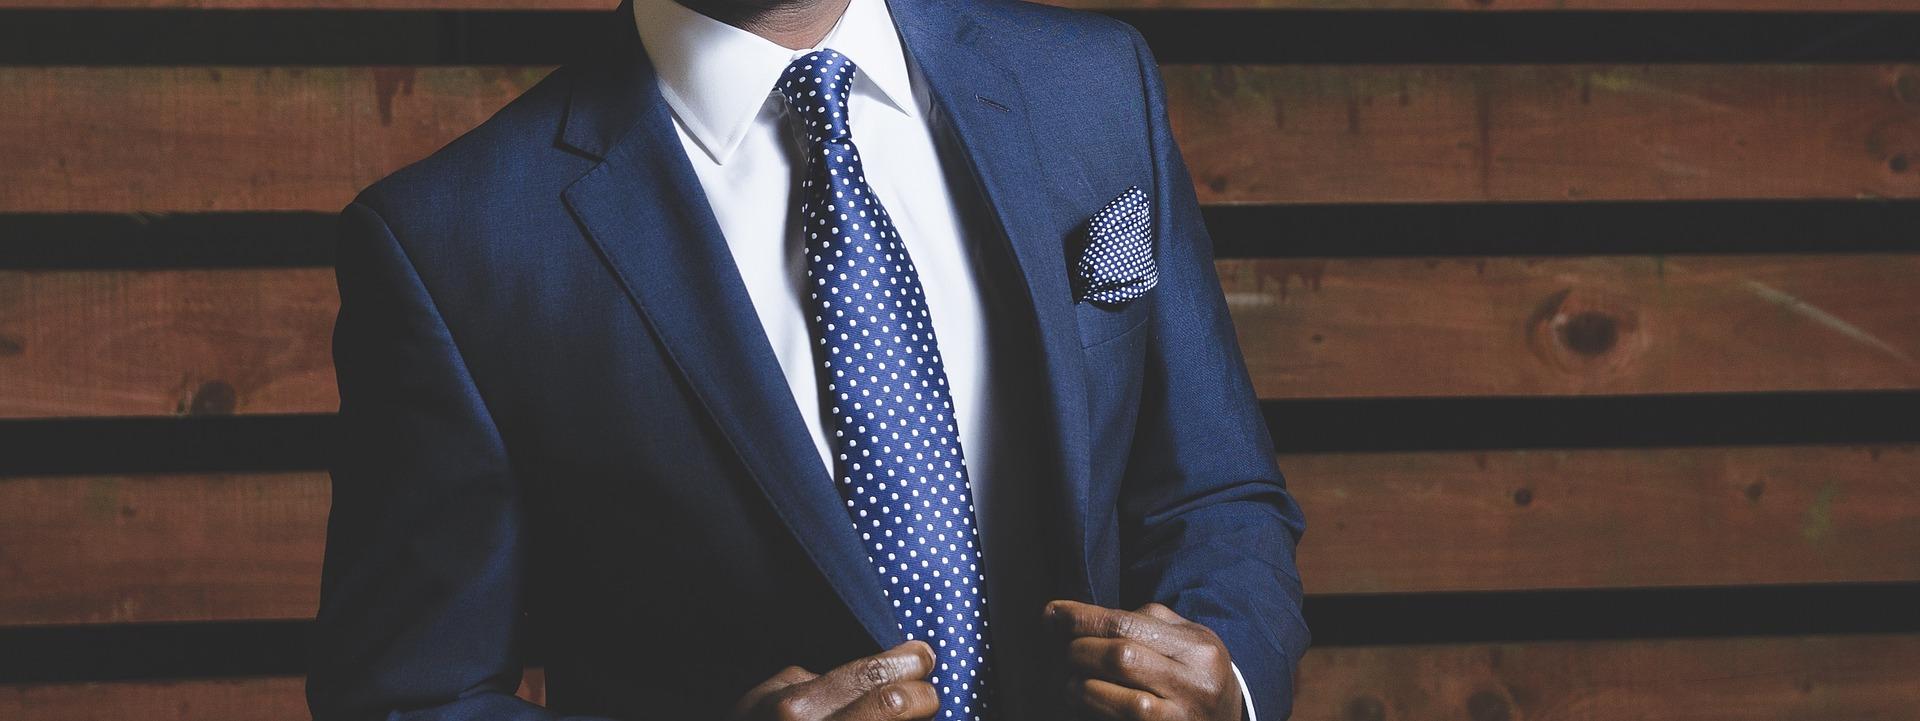 結婚式でのネクタイの結び方特集!簡単におしゃれにできるコツなどまとめ!